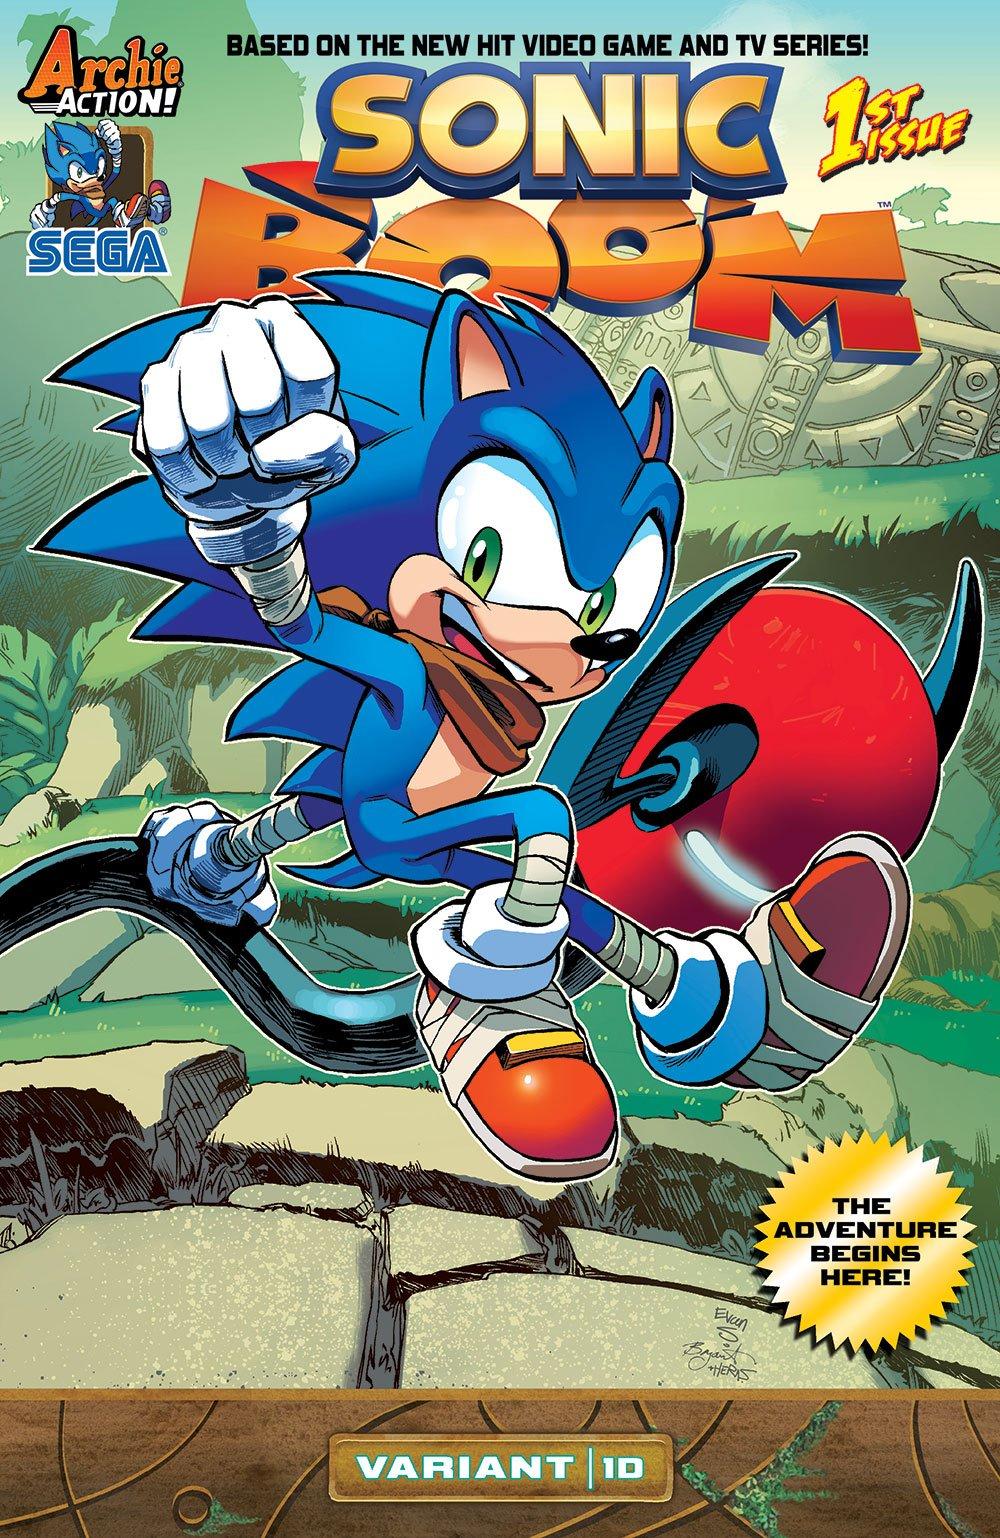 Sonic Boom 001 (December 2014) (variant 1D)